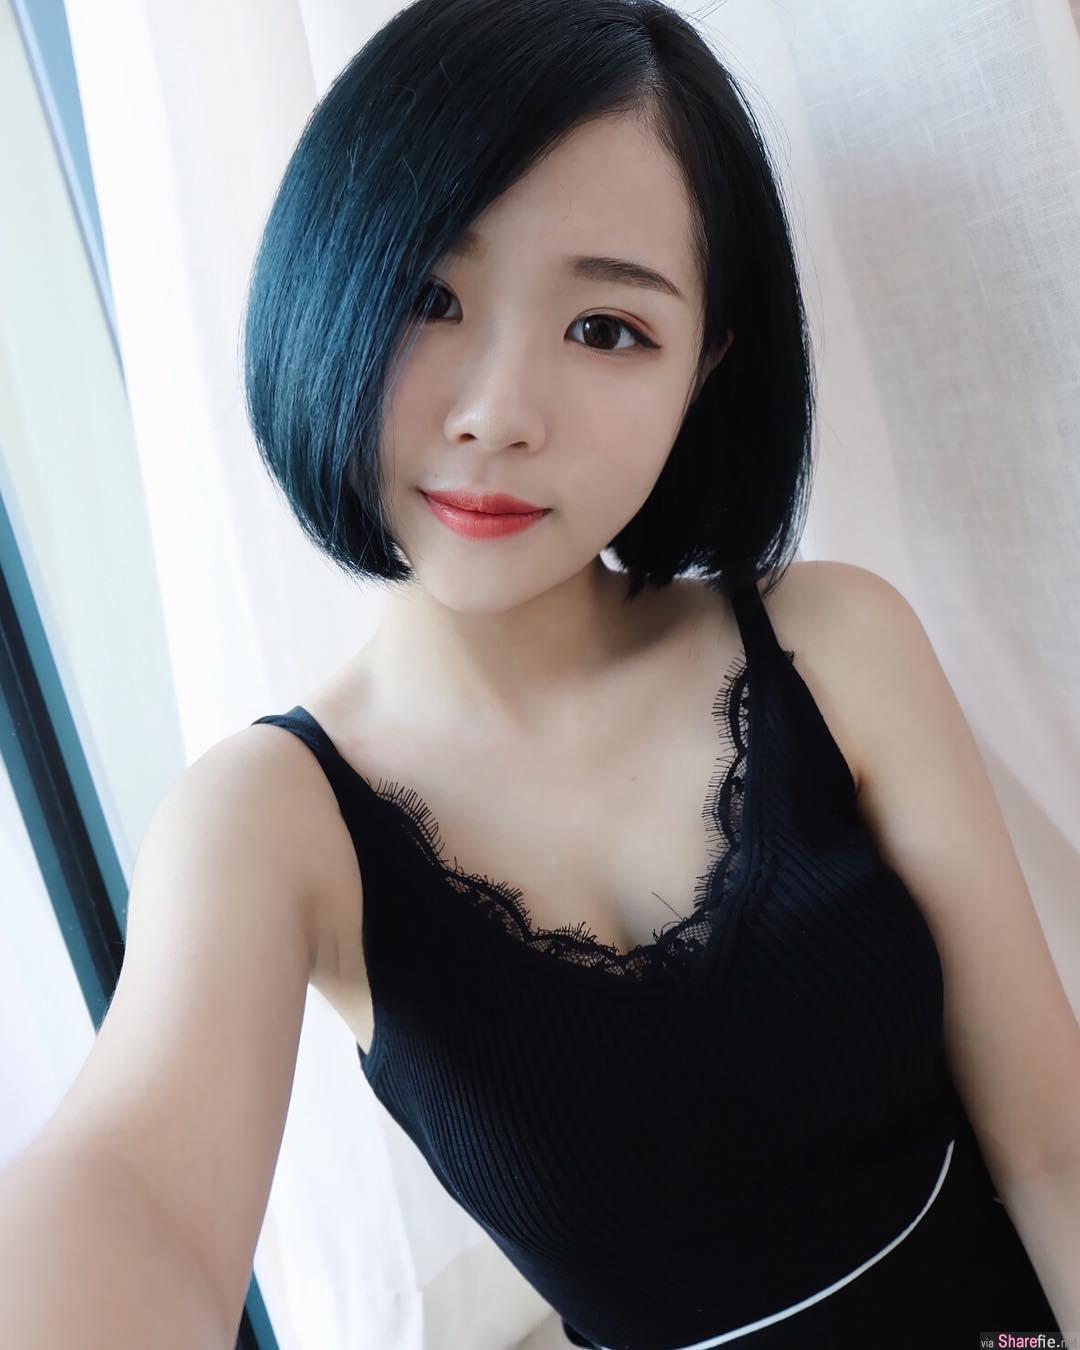 大马正妹Janice Koh,甜美笑容迷倒15万粉丝